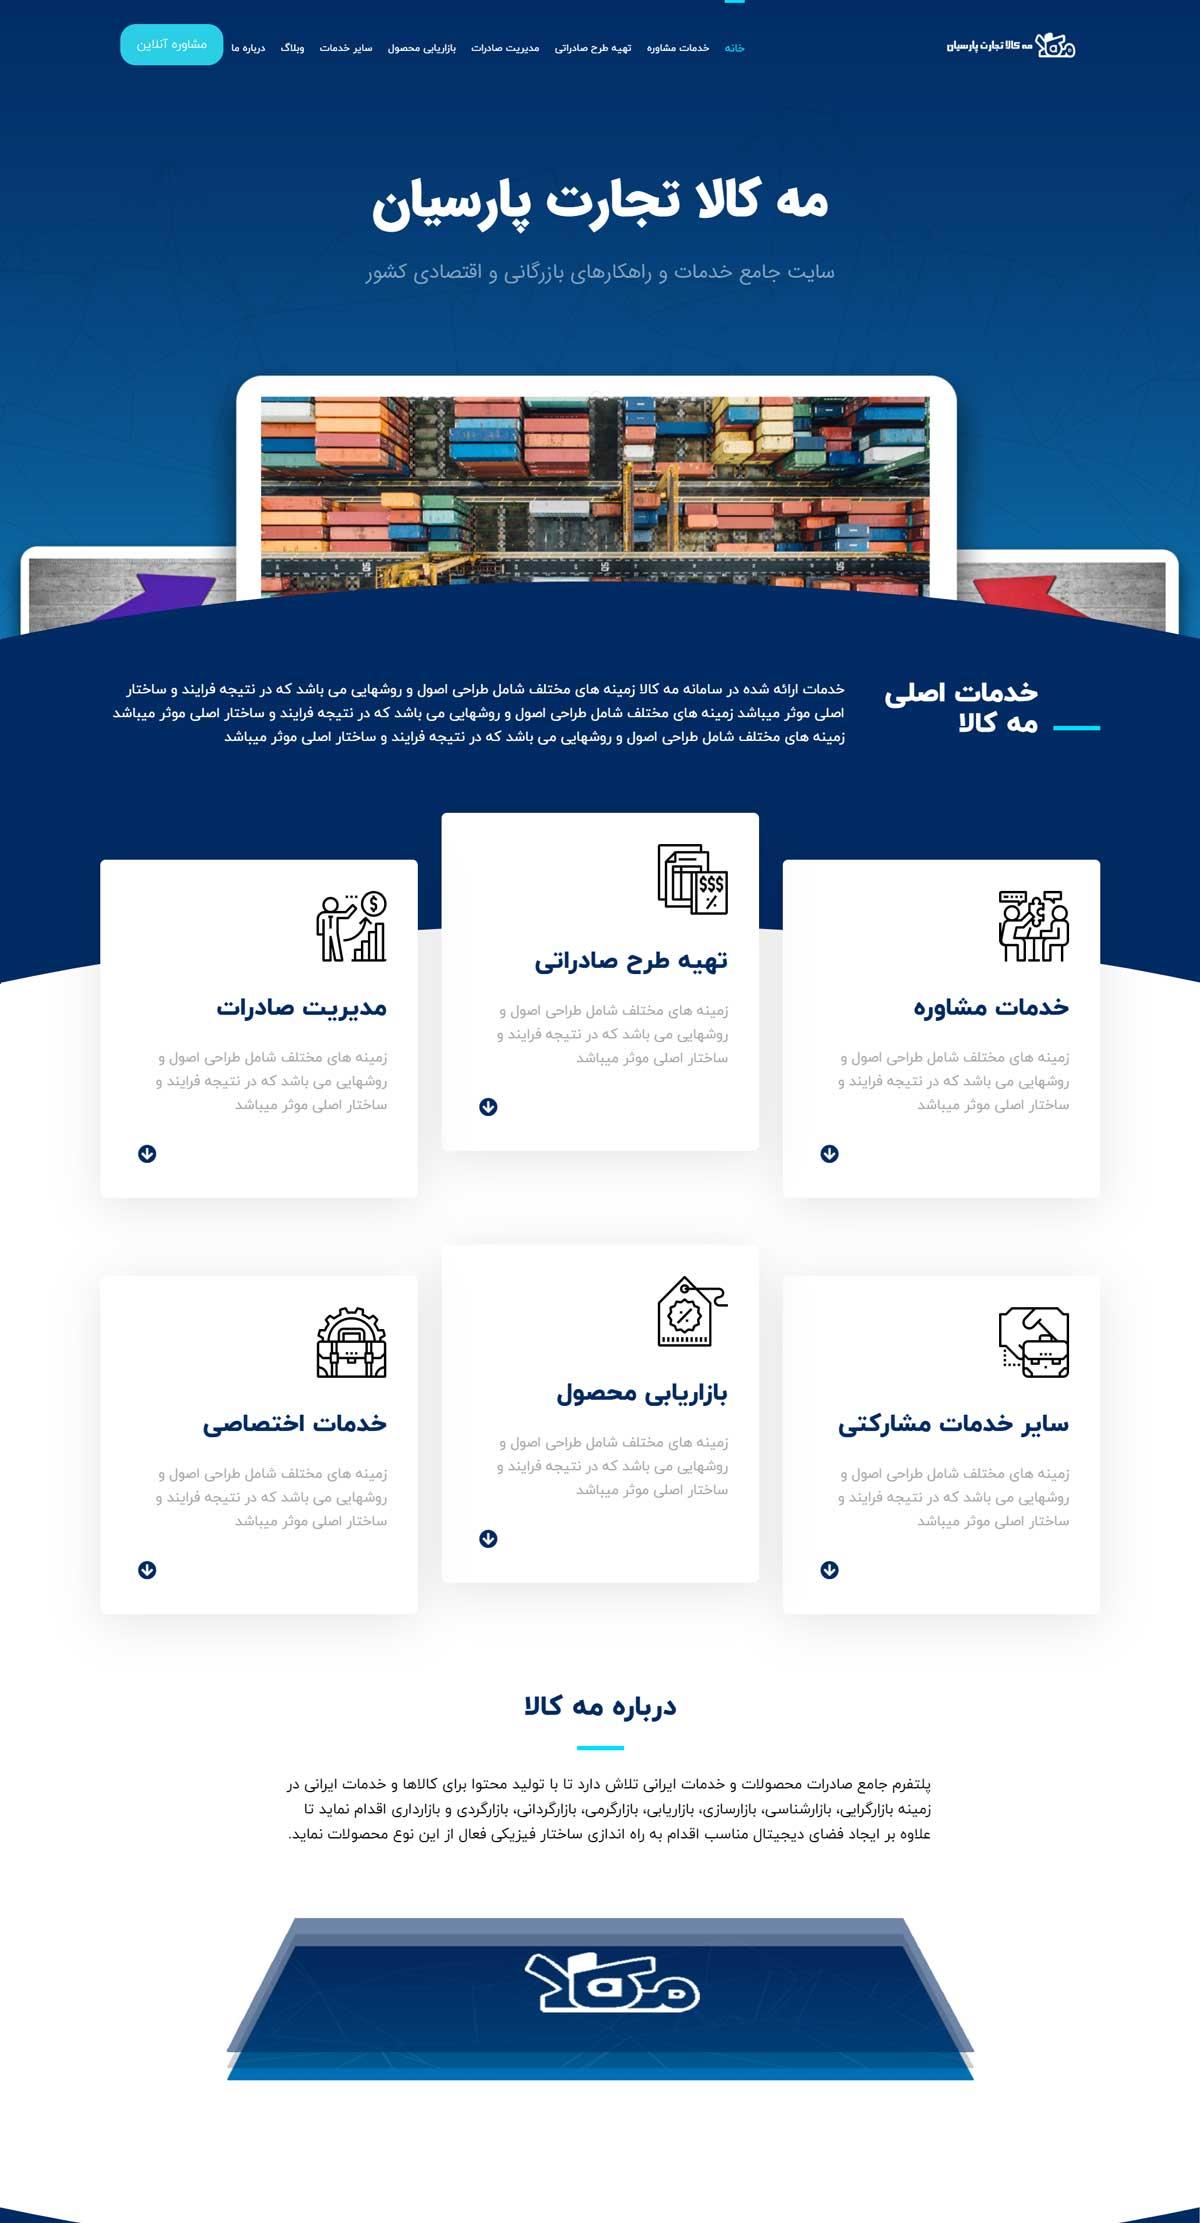 طراحی سایت مهکالا تجارت پارسیان